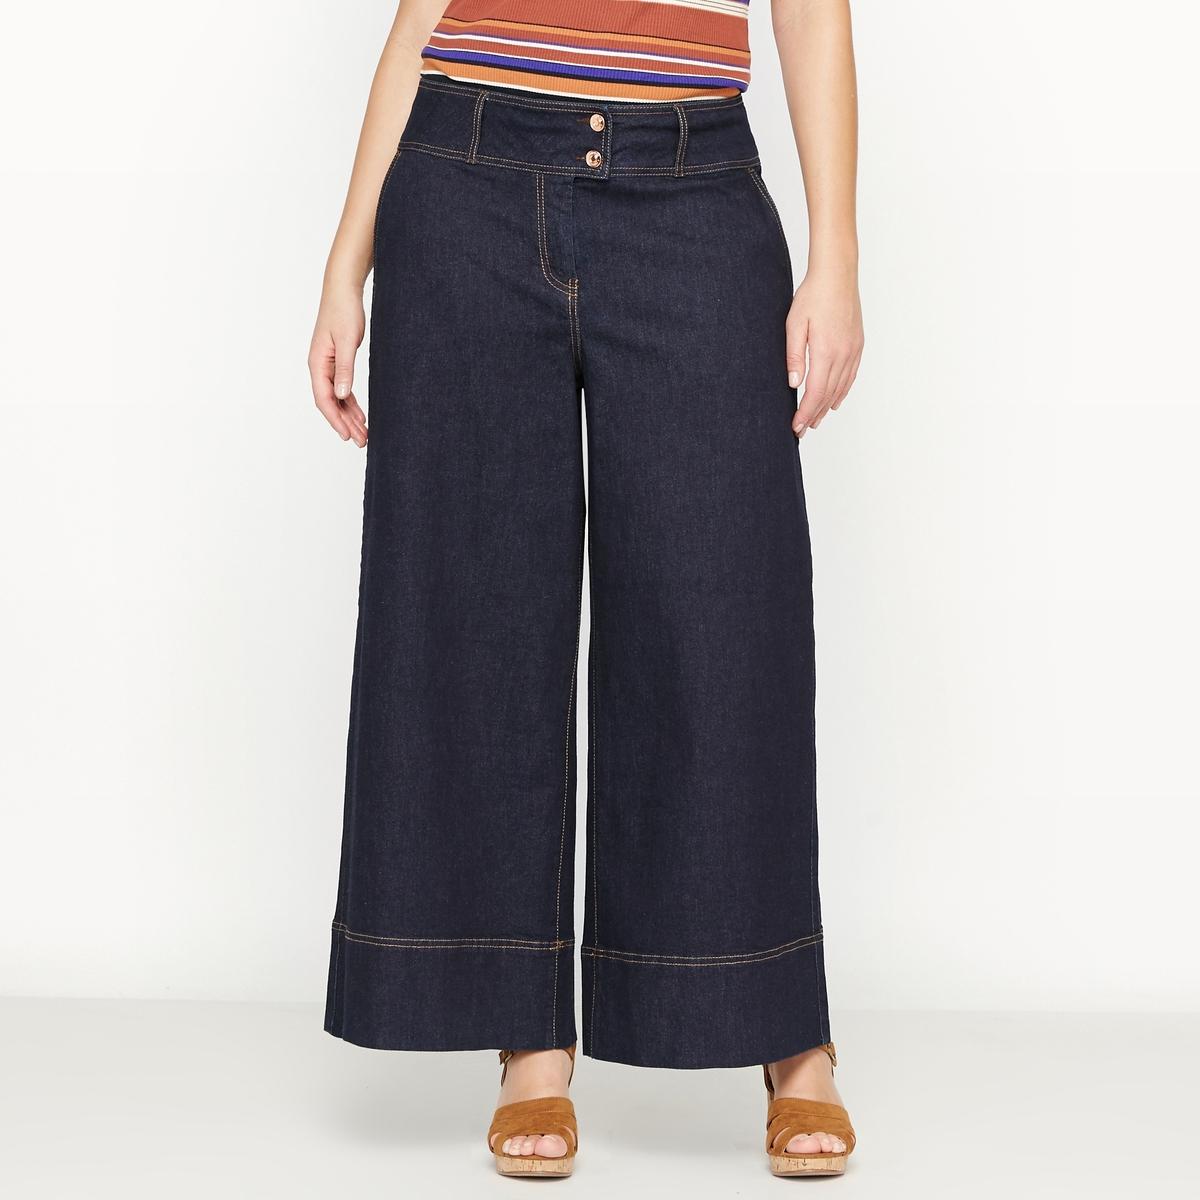 Джинсы широкие, укороченныеШирокие укороченные джинсы.Застёжка на 2 пуговицы на поясе.2 косых кармана спереди. Состав и описание :Материал : 99% хлопка, 1% эластана.Длина по внутр.шву 65 см. Ширина по низу 40 см.Марка : CASTALUNA.Уход : Машинная стирка при 40°.<br><br>Цвет: темно-синий<br>Размер: 52 (FR) - 58 (RUS).48 (FR) - 54 (RUS).46 (FR) - 52 (RUS).58 (FR) - 64 (RUS)